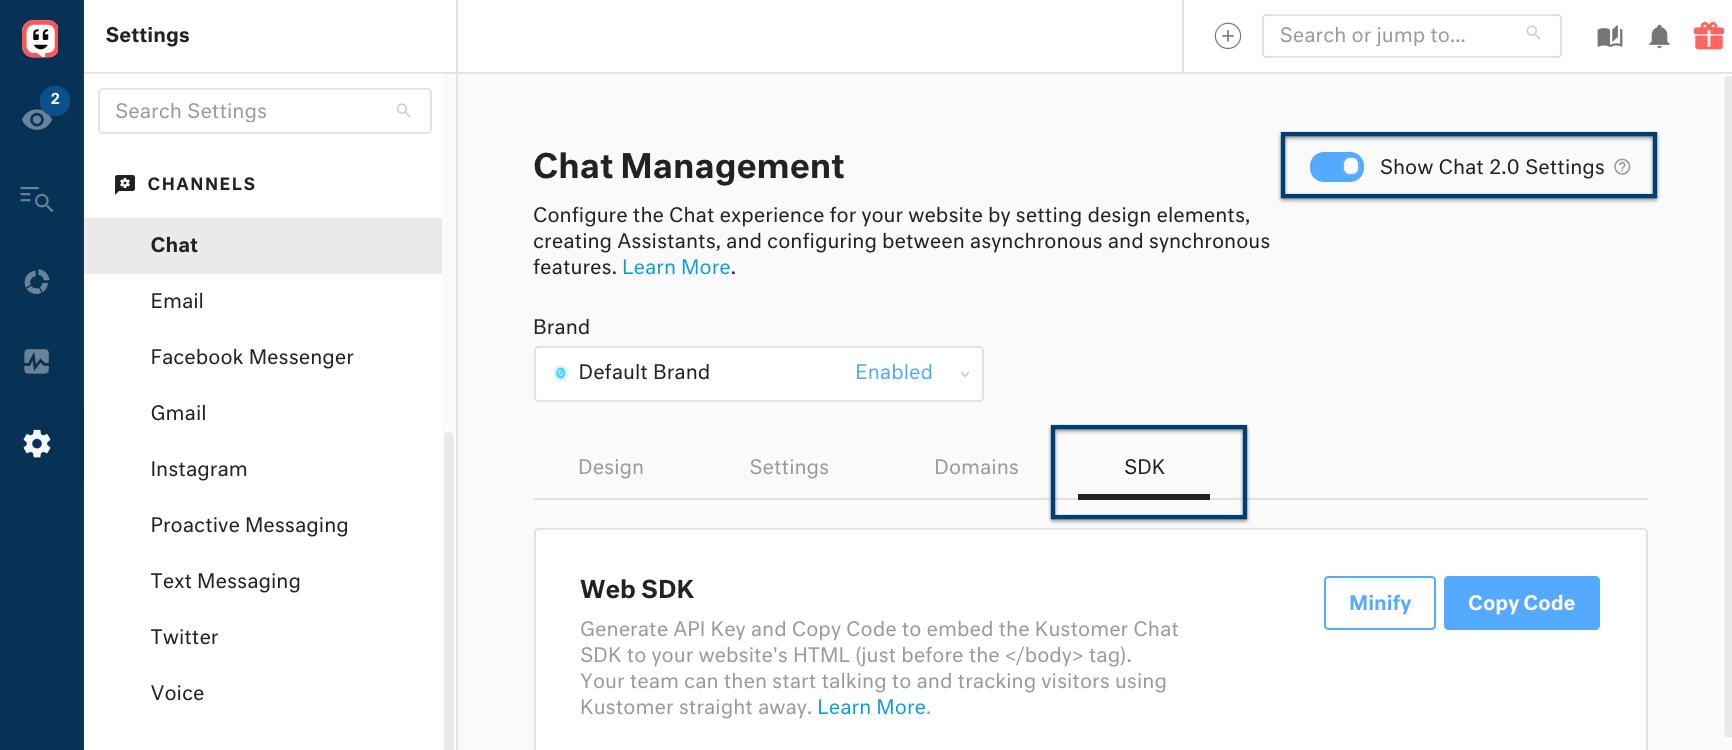 Chat Management: SDK settings in Kustomer.